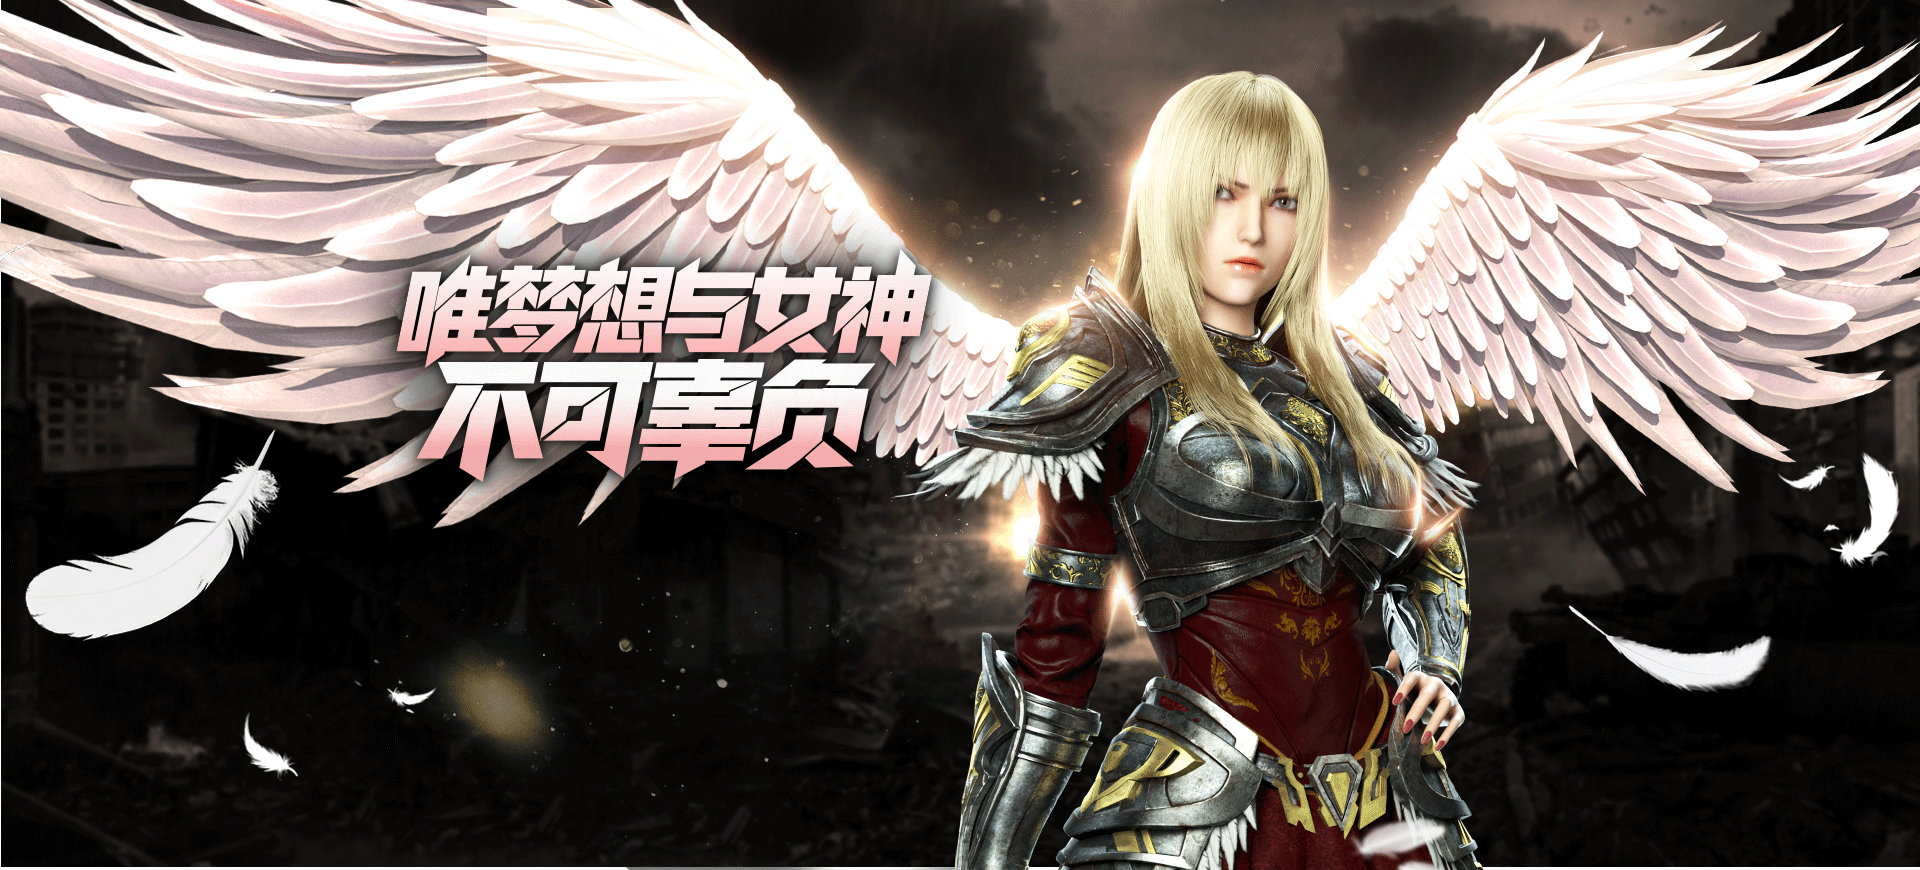 超神学院天使彦壁纸图片